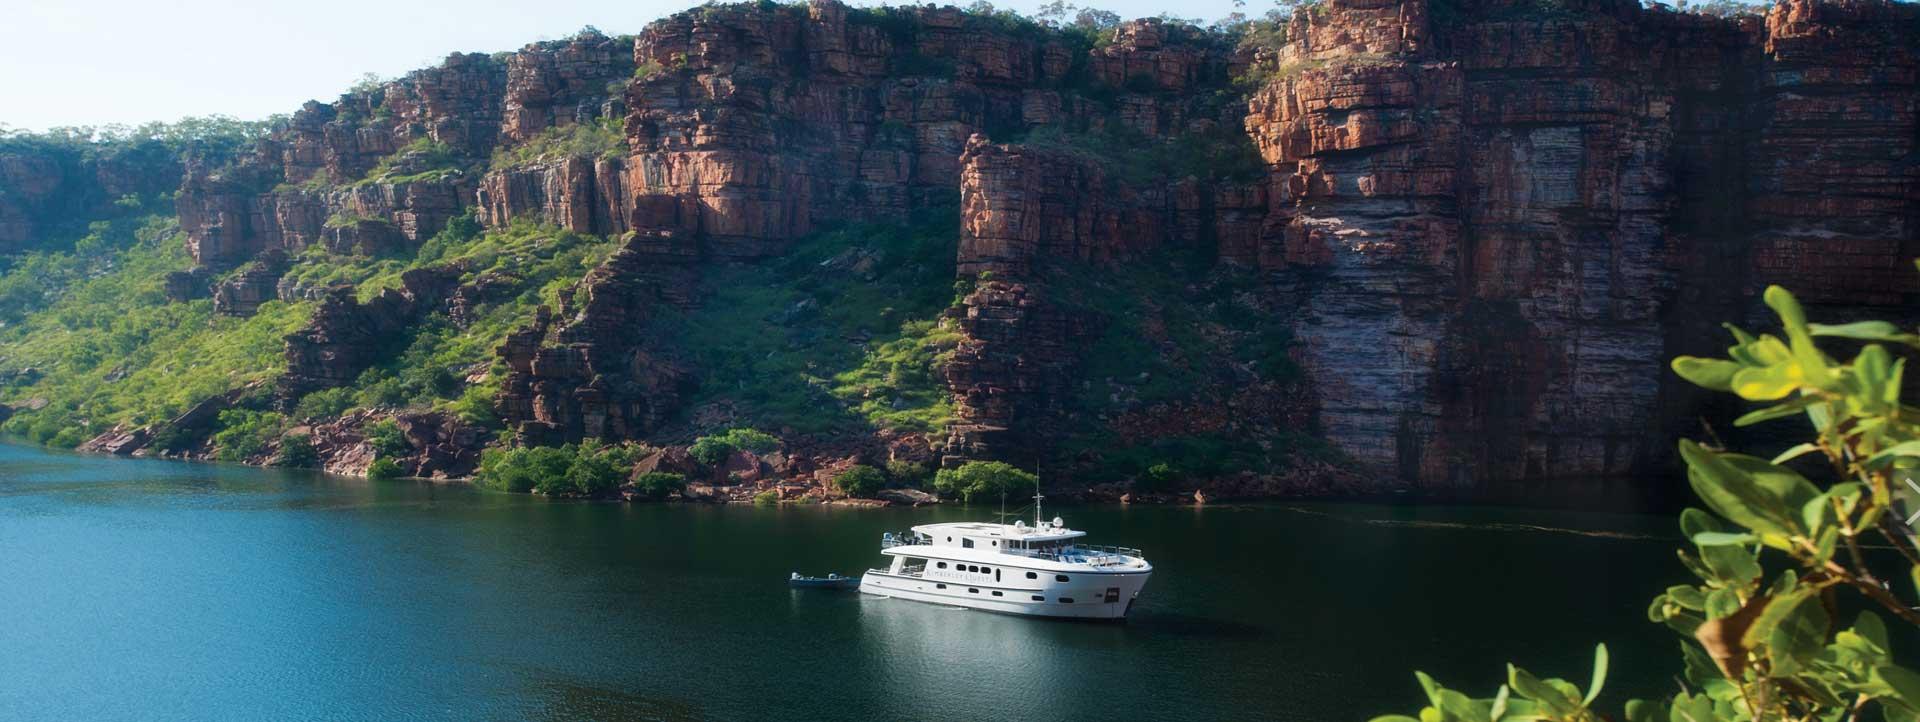 KIMBERLEY-QUEST-Kimberley-coast-cruises-side-profile